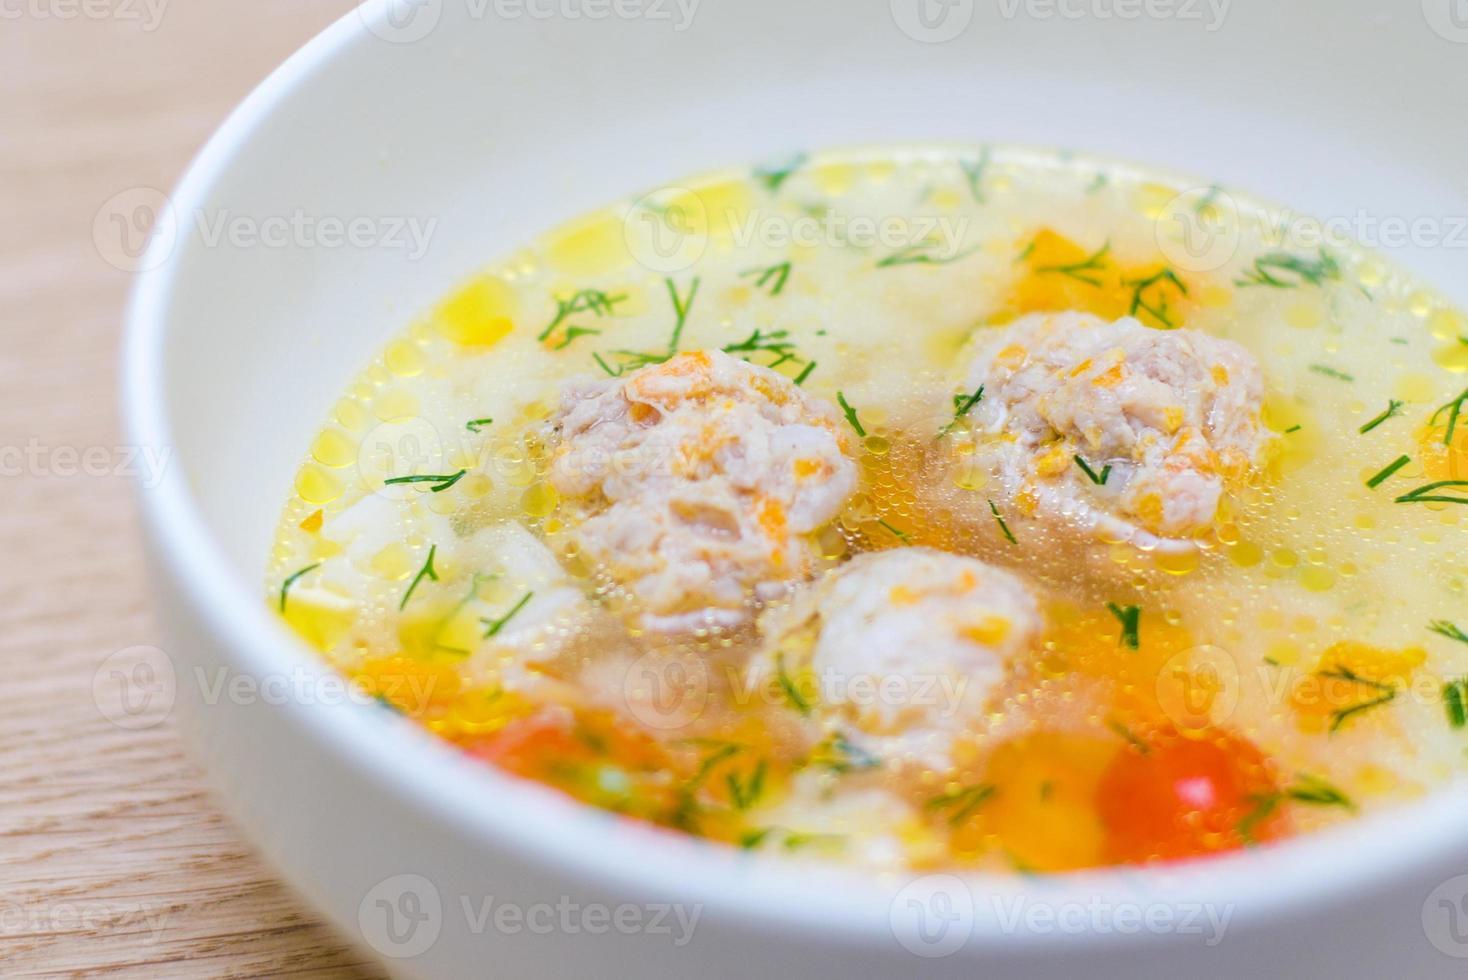 soep met gehaktballen foto